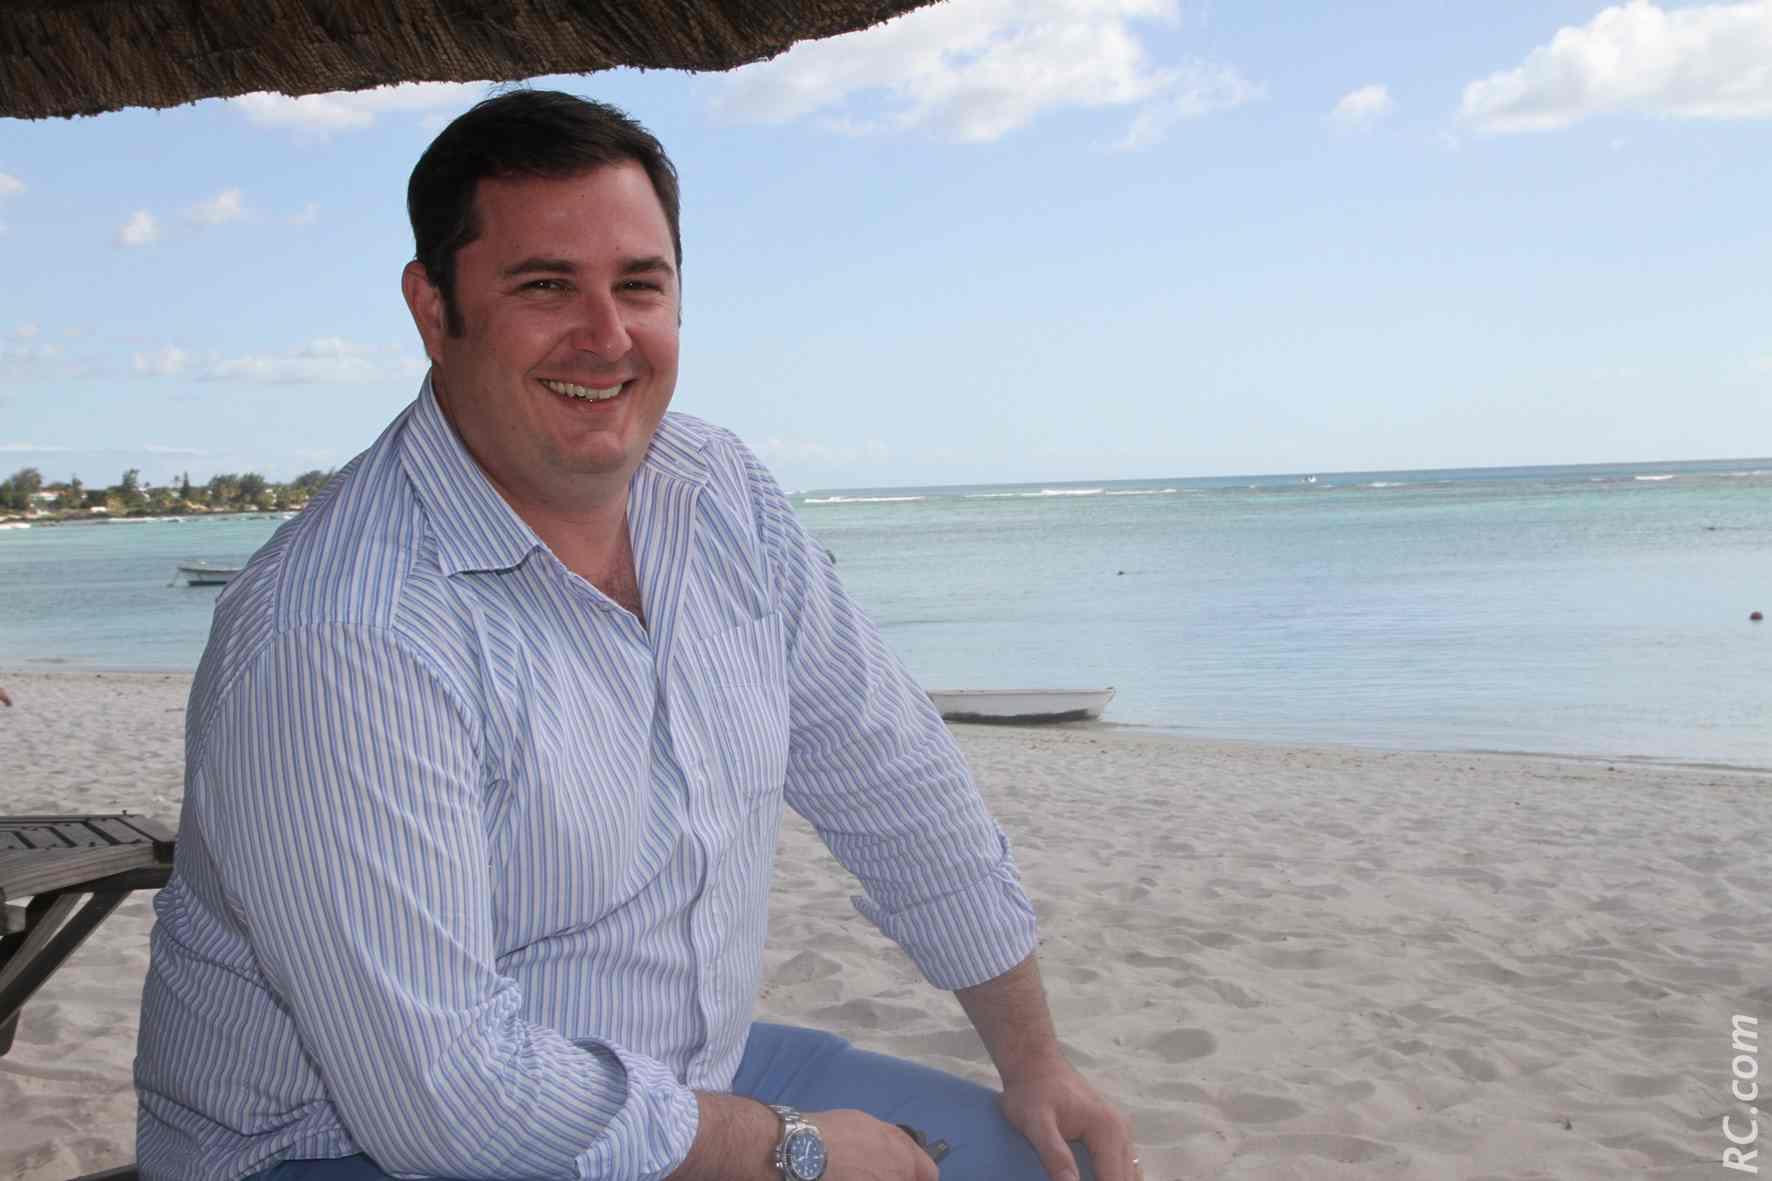 Le patron Ludovic Lagesse est un fin connaisseur dans le domaine de l'hôtellerie. Il a fait ses armes dans plusieurs pays avant de revenir au bercail et lancer Trimetys